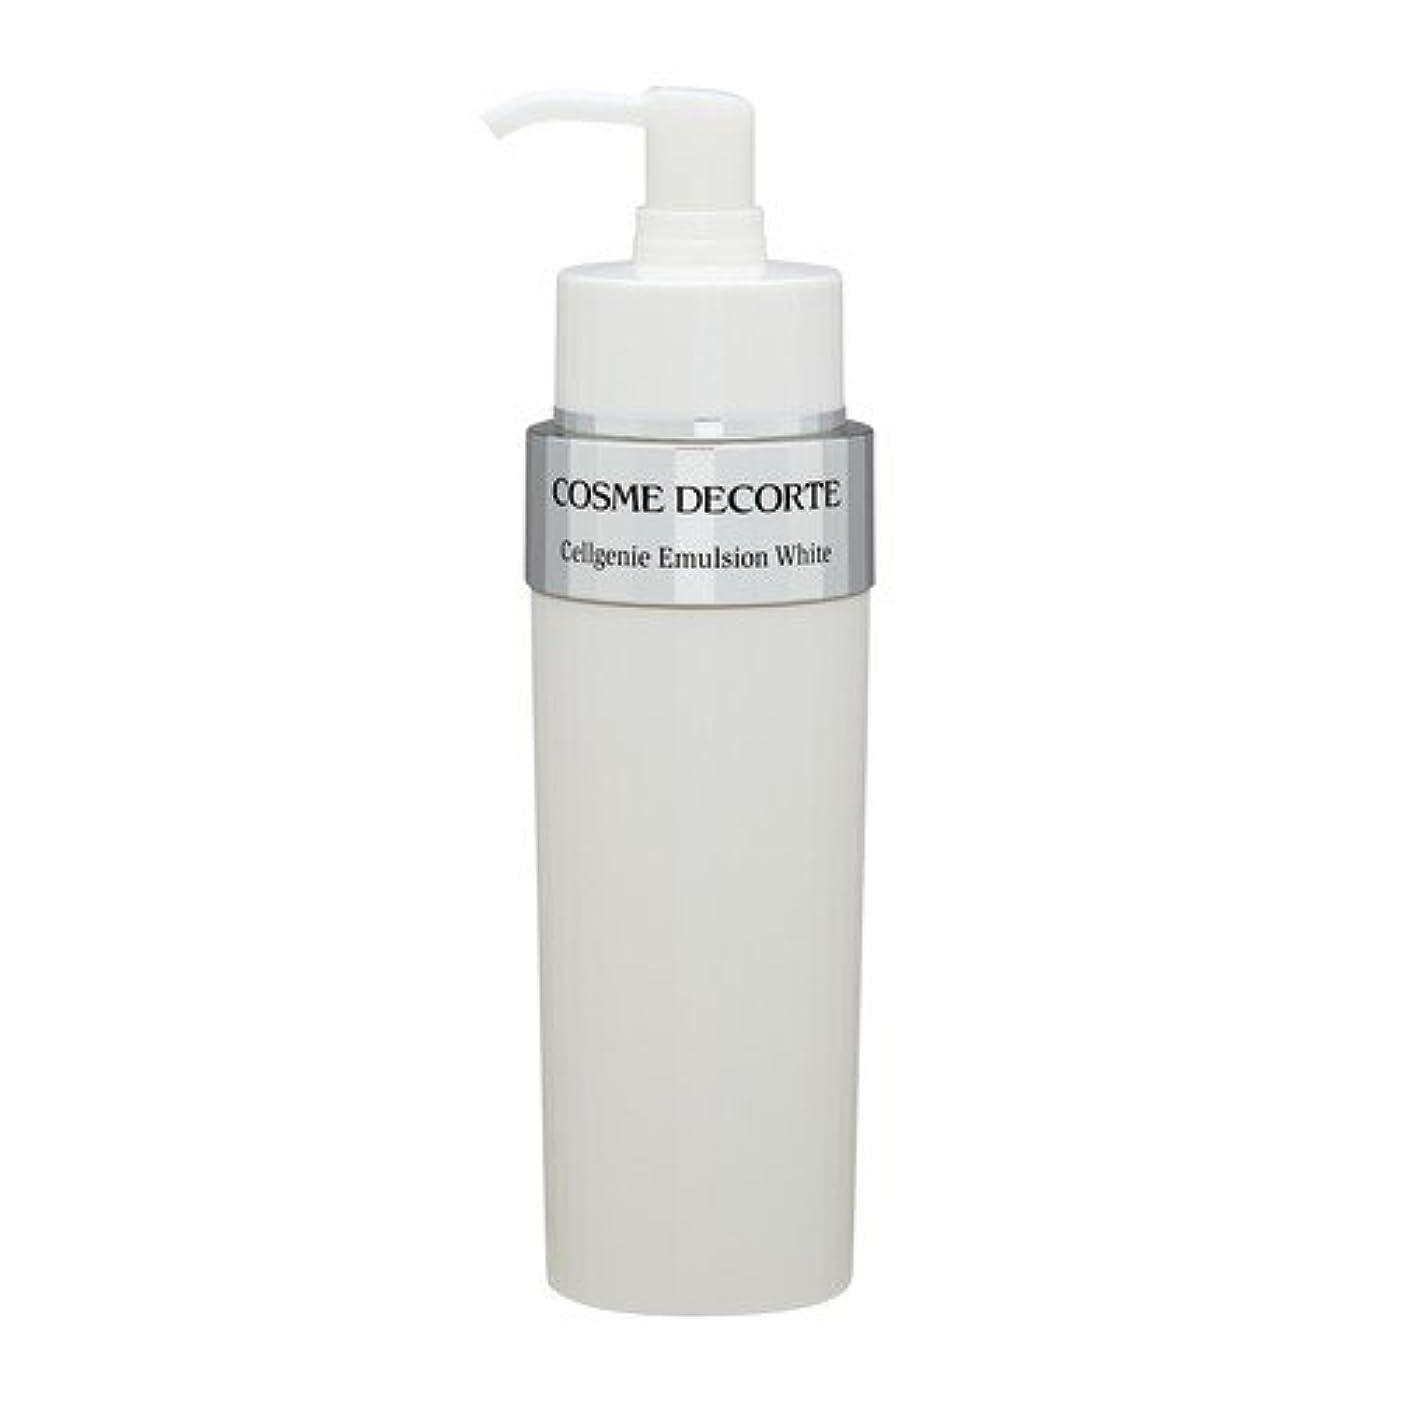 放射能マリナー抽象COSME DECORTE コーセー/KOSE セルジェニーエマルジョンホワイト 200ml [362893] [並行輸入品]